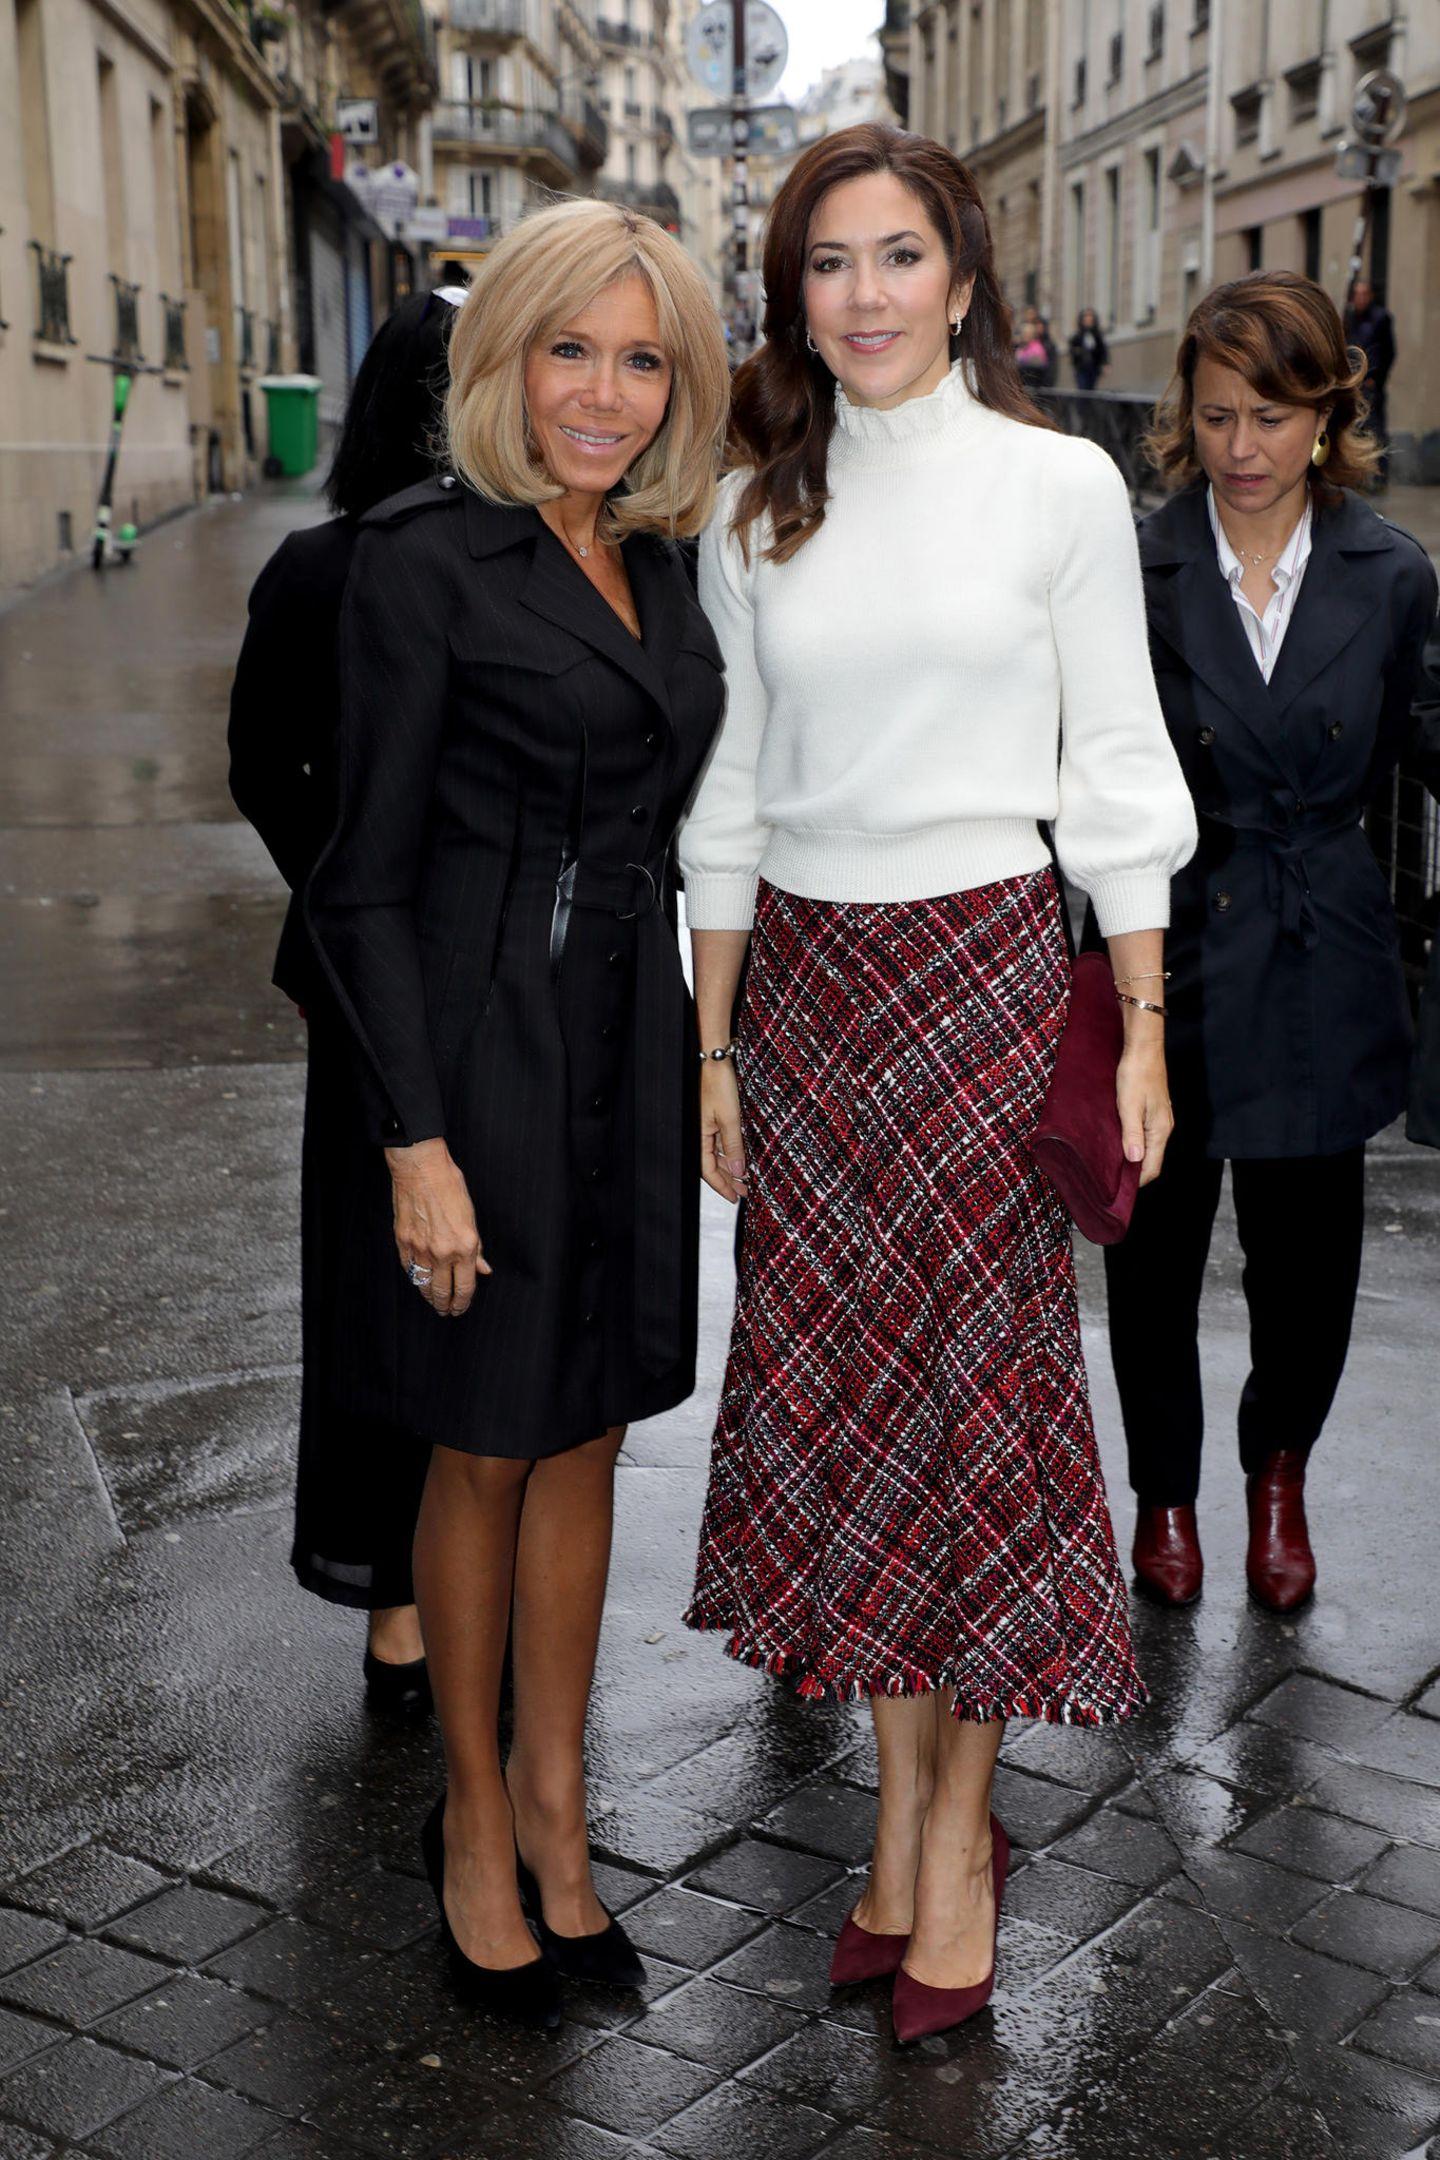 Von Kopf bis Fuß perfekt gestylt – so präsentiert sich Brigitte Macron beim Besuch einer Schule in Paris. In einem schwarzen, knielangen Ensemble, das dank der schönen Knopfleiste und des Taillengürtels zu einem aufregenden Hingucker wird, lässt sie sich bei dem Termin an der Seite von Prinzessin Maryfotografieren. Doch das wahre Style-Highlight trägt die französische First Lady an ihren Füßen ...